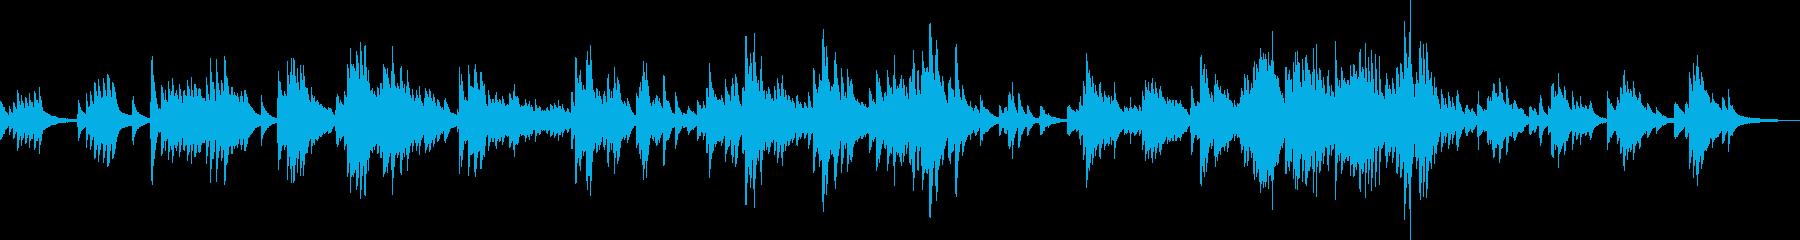 夕日に染まる街(ピアノ・優しい・切ない)の再生済みの波形